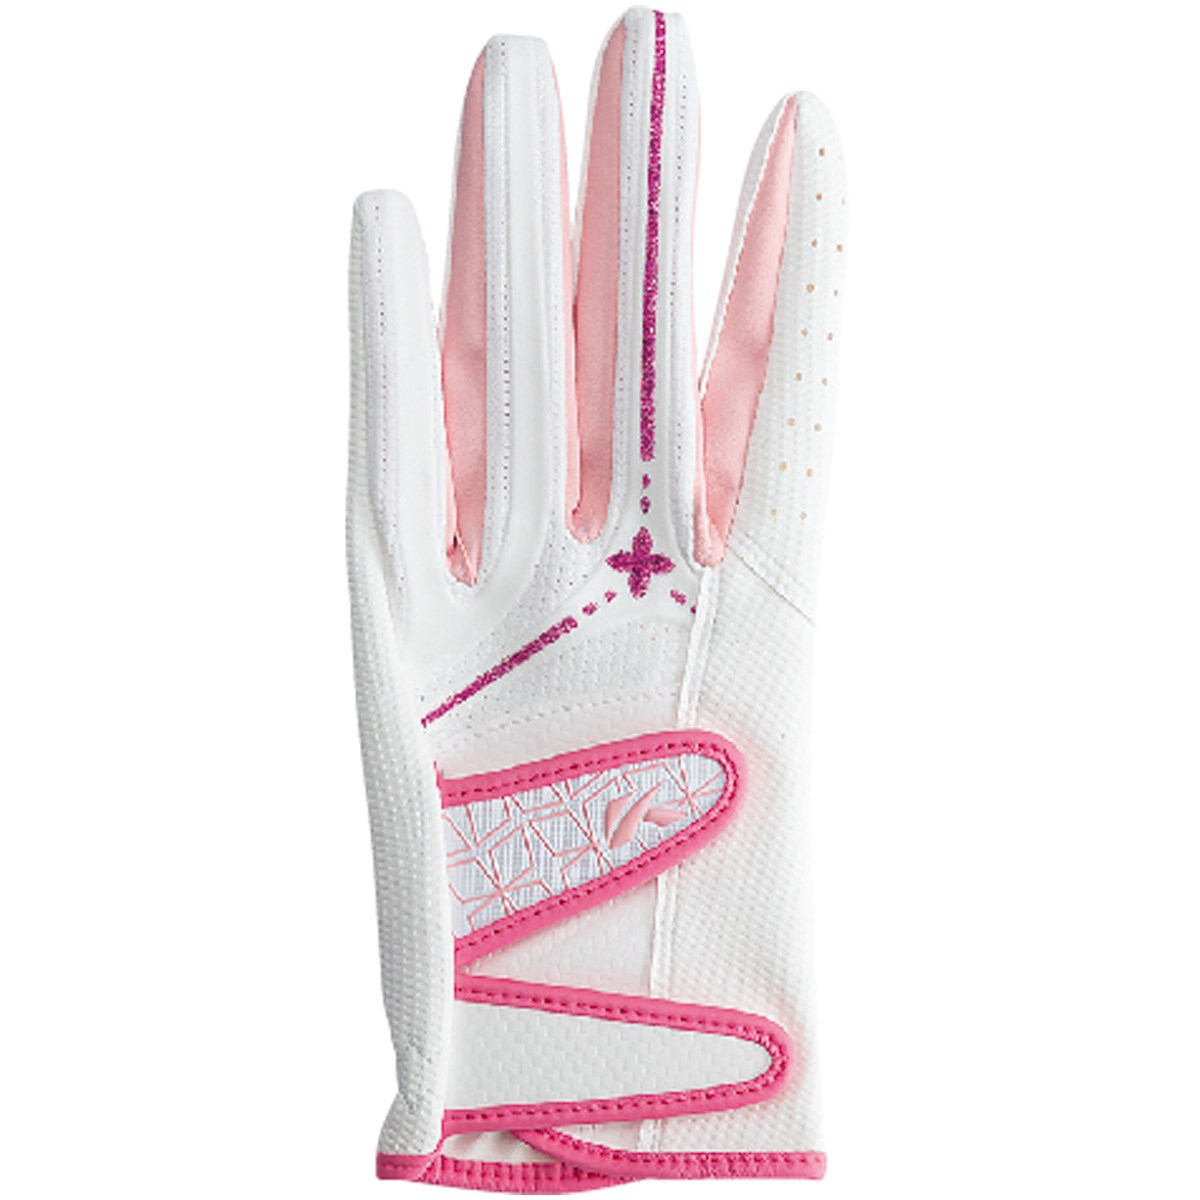 キャスコ KASCO パームフィット グローブ S 左手着用(右利き用) ホワイト/ピンク レディス